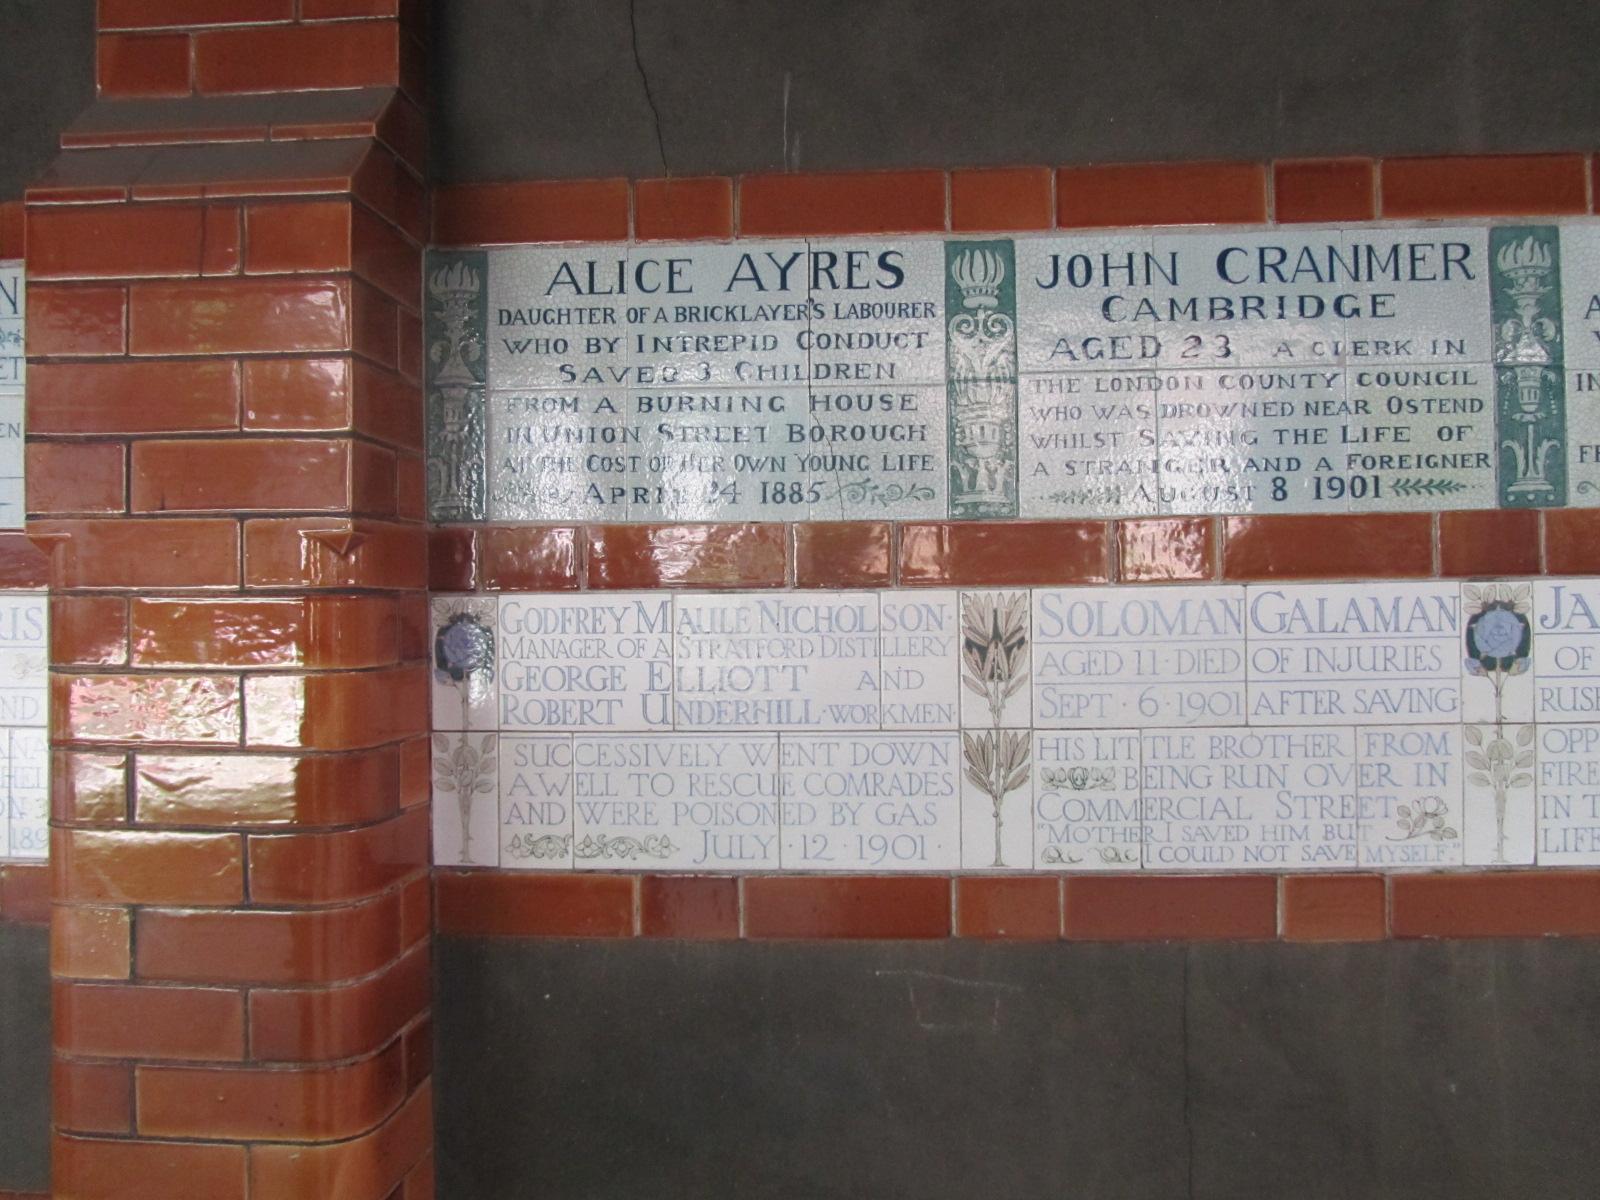 http://4.bp.blogspot.com/-L1rcAE6lxh0/TdmQJmfkjuI/AAAAAAAAAN0/6obzF1cwZdM/s1600/London+Postman%2527s+Park+plaques.jpg